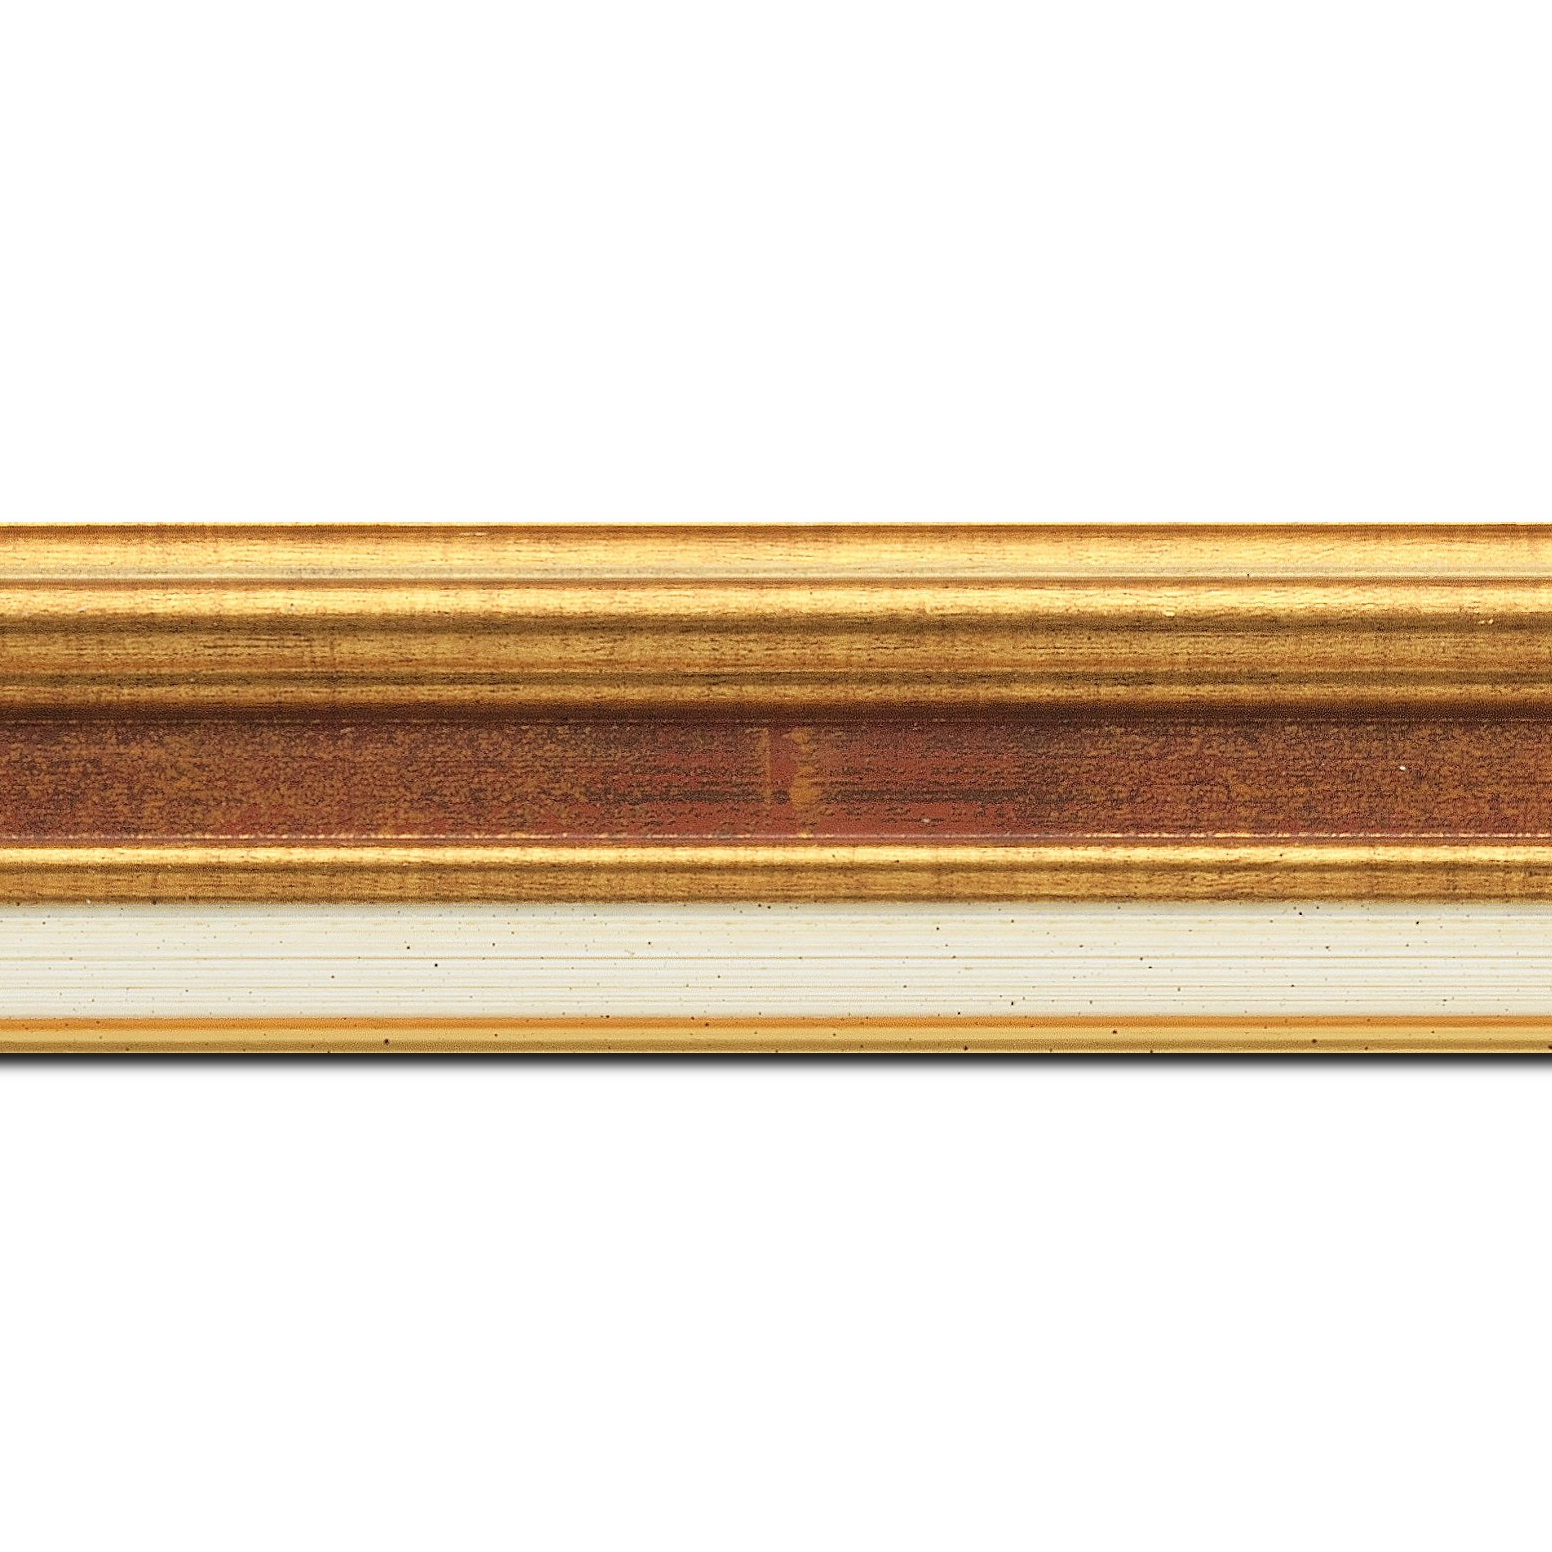 Baguette longueur 1.40m bois largeur 5.2cm or gorge bordeaux fond or marie louise crème filet or intégrée